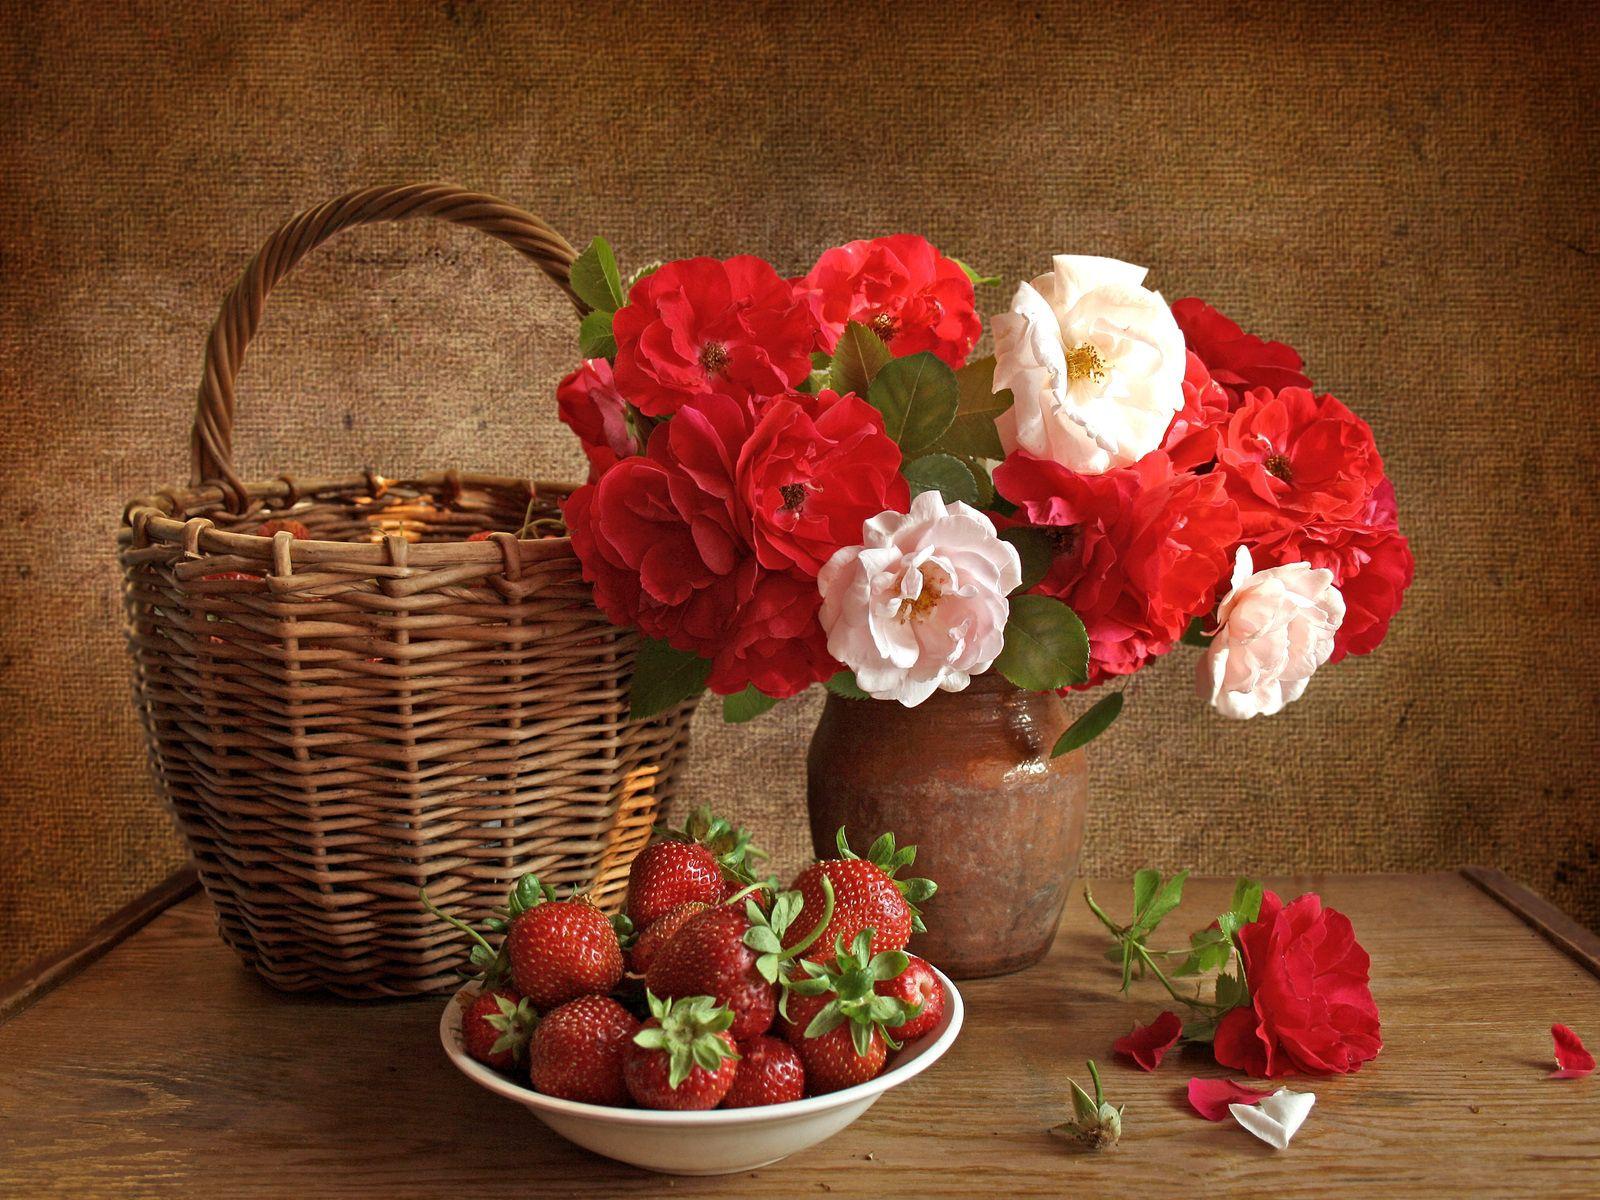 63722 скачать обои Цветы, Клубника, Розы, Натюрморт, Корзина - заставки и картинки бесплатно